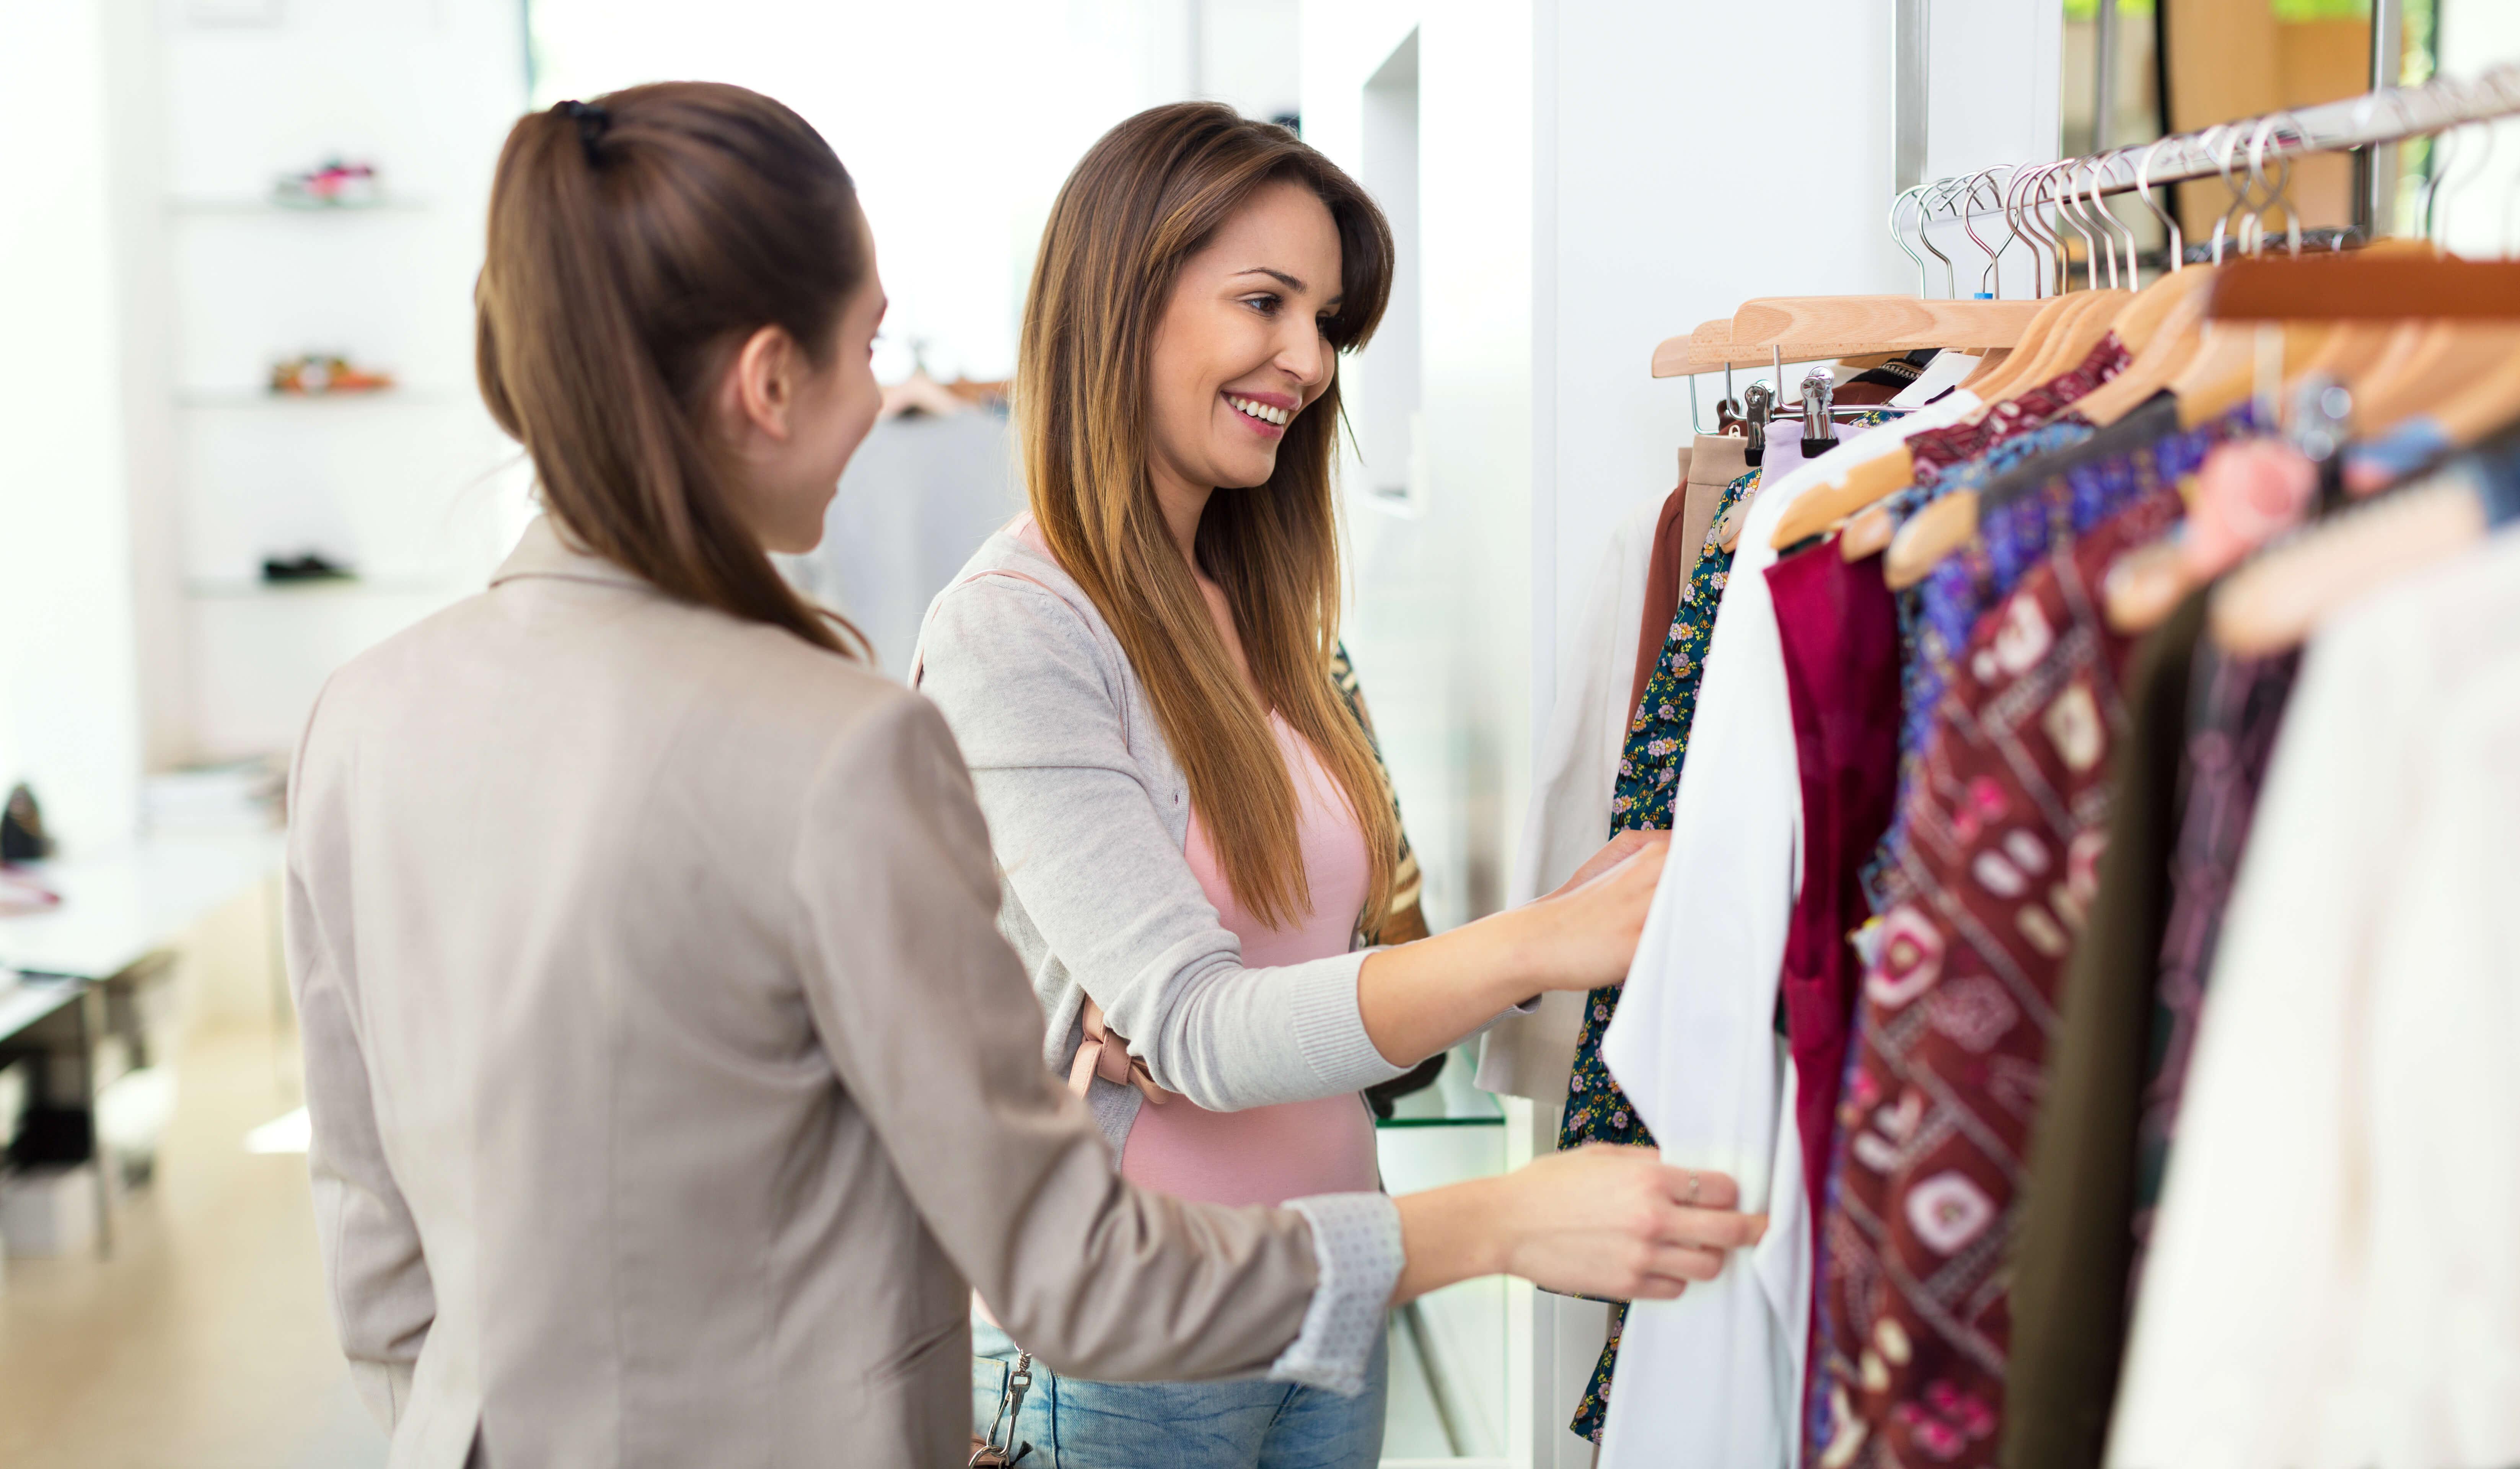 Pricing & prévisions ciblés sur les clients